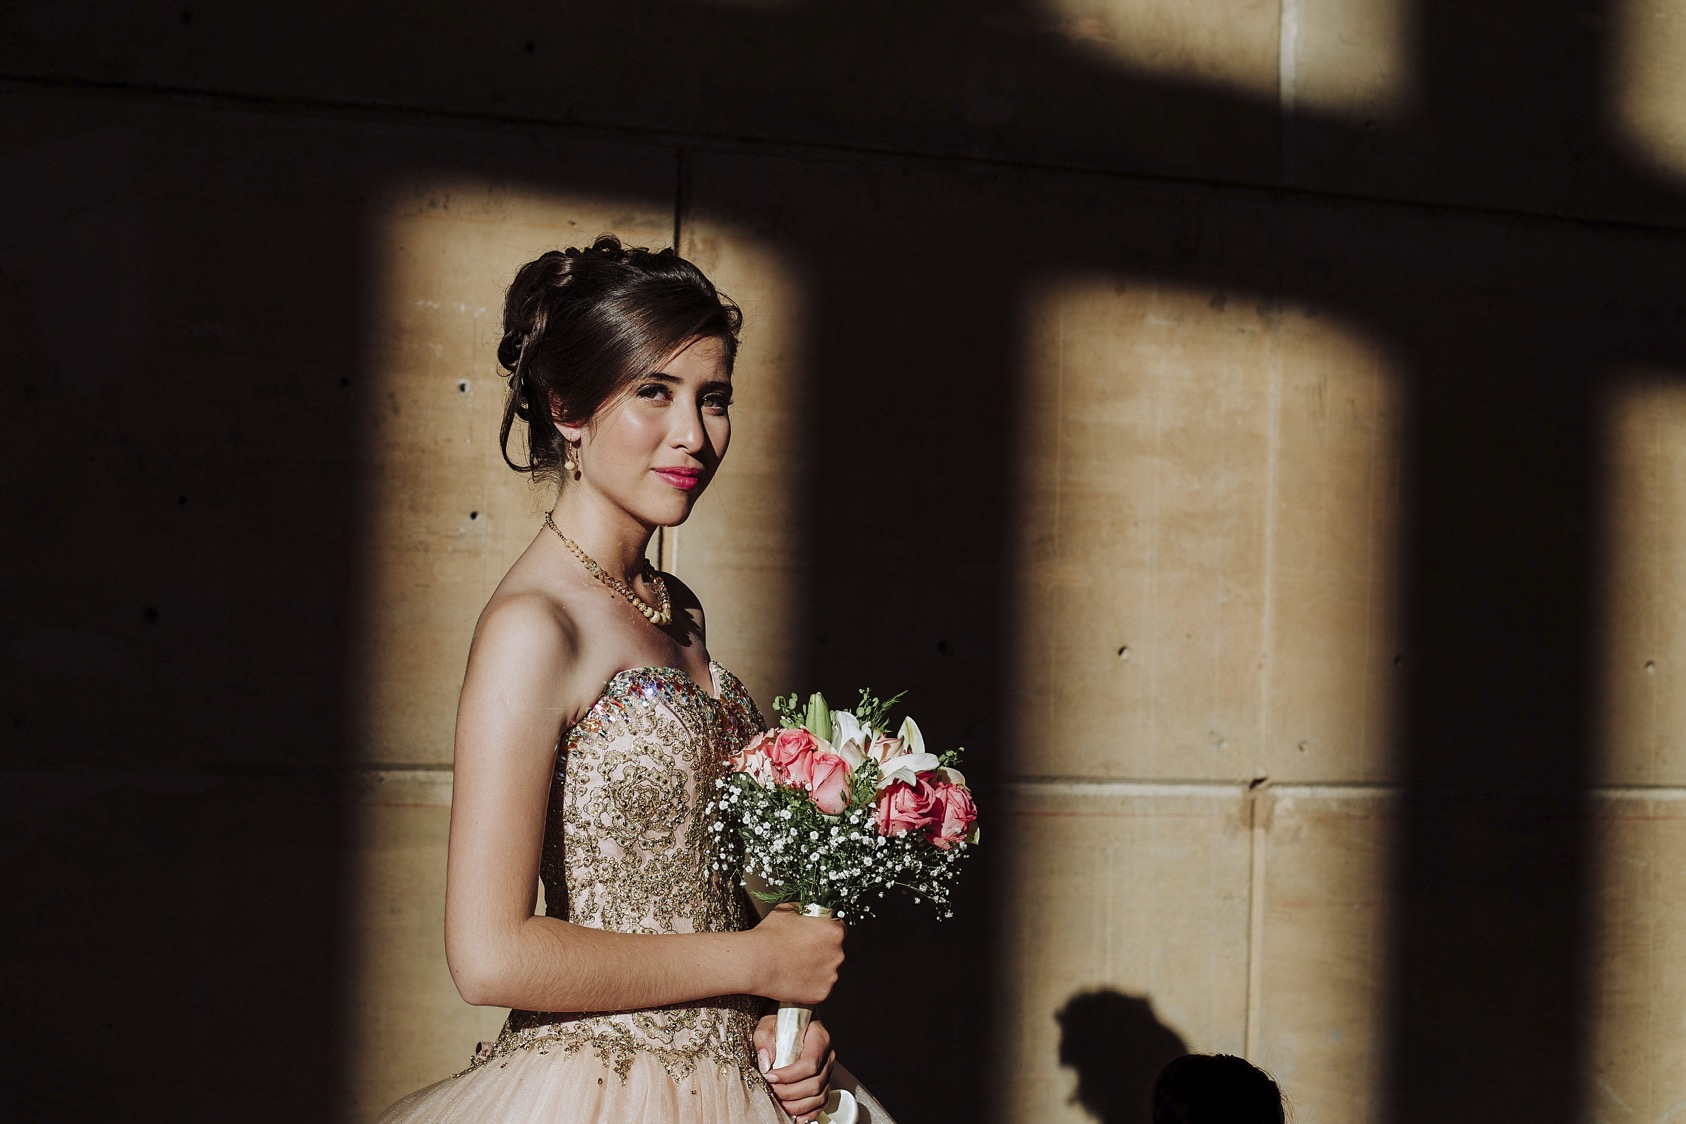 fotografos_profesionales_zacatecas_bodas_xvaños-10